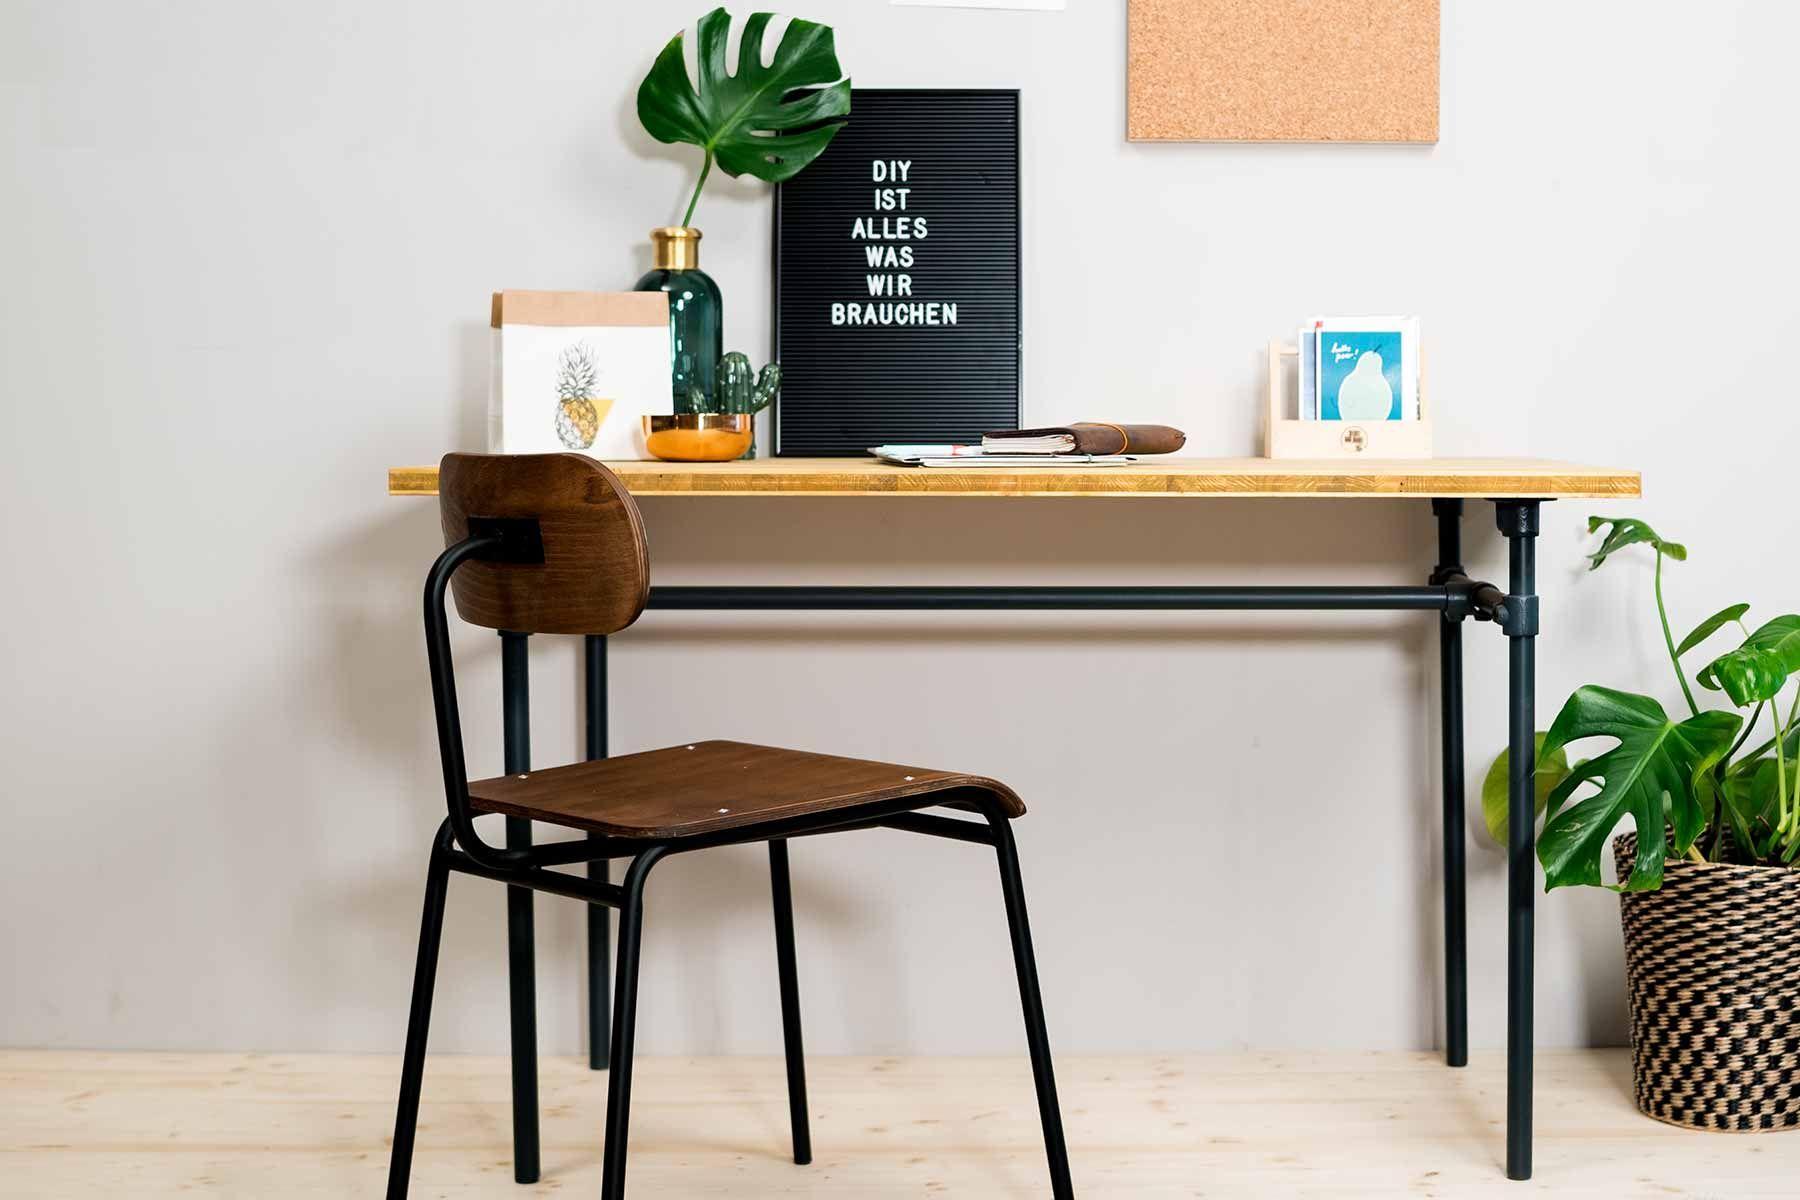 Tisch Rohrbert Selber Bauen Rohrmobel Create By Obi Haus Deko Mobelstuck Tisch